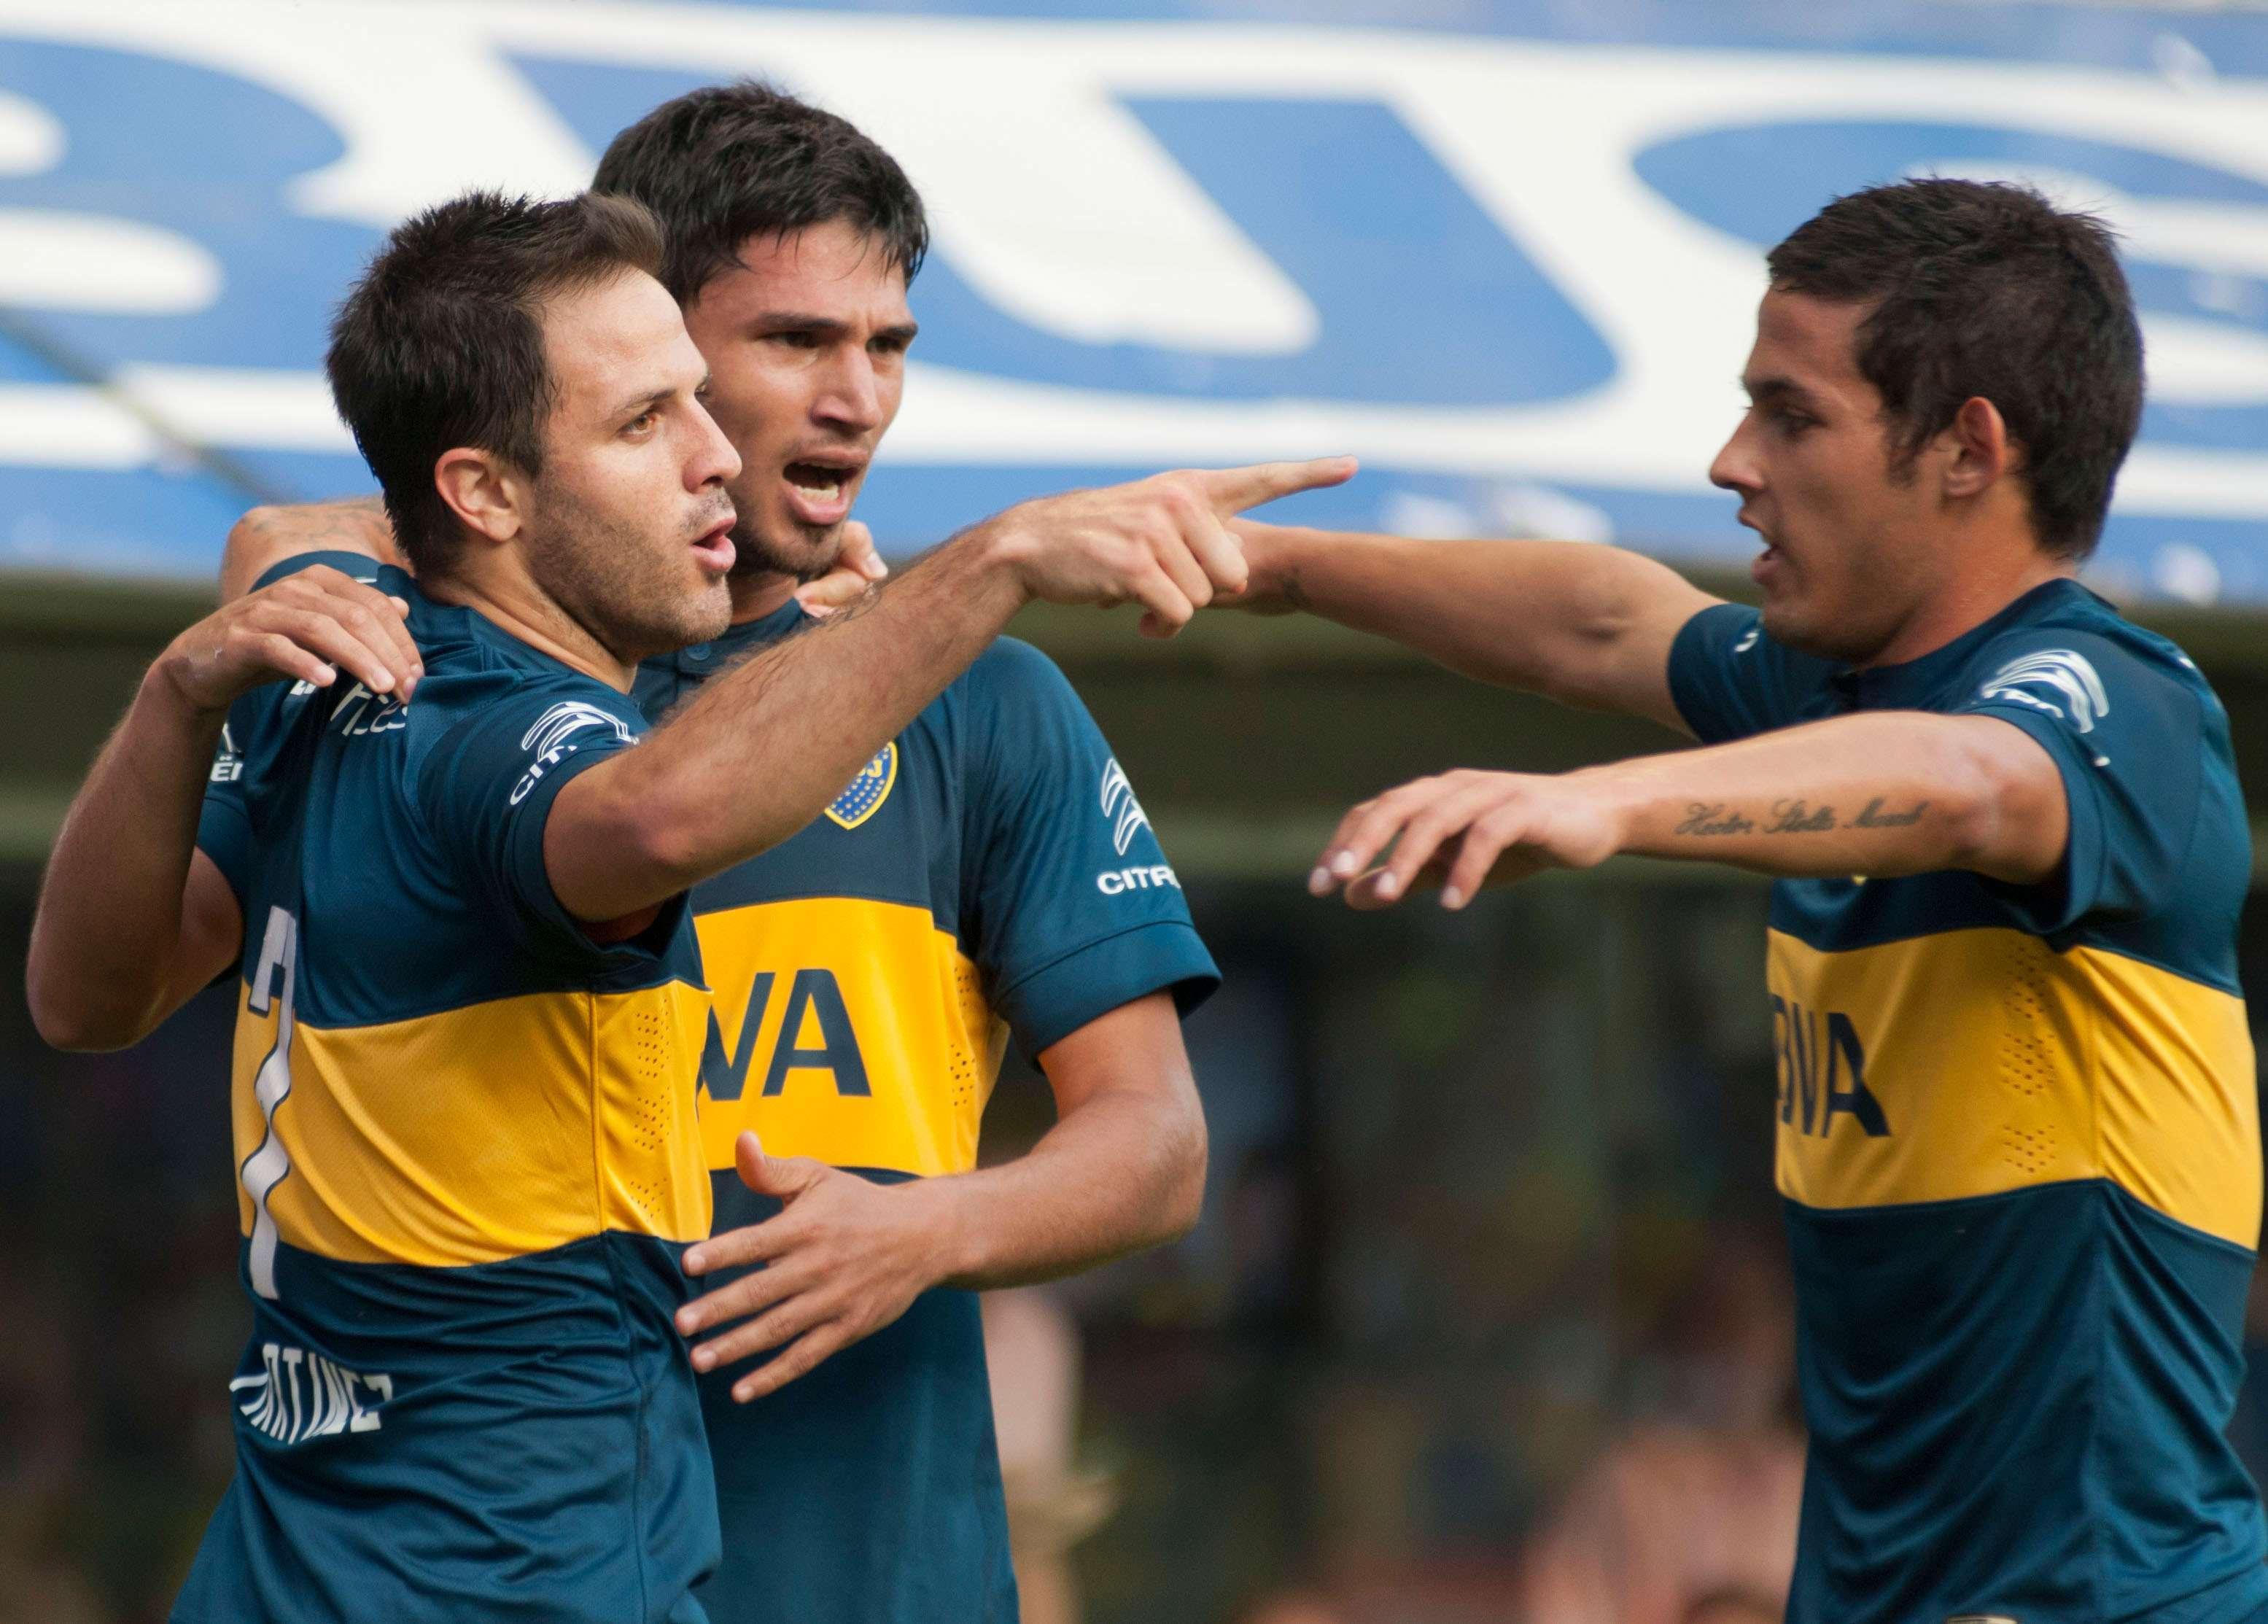 Boca le ganó 2 a 0 a Defensa y Justicia, Lanús derrotó a San Lorenzo 1 a 0 y Estudiantes hizo lo propio con Quilmes, también 1 a 0. Foto: Agencias